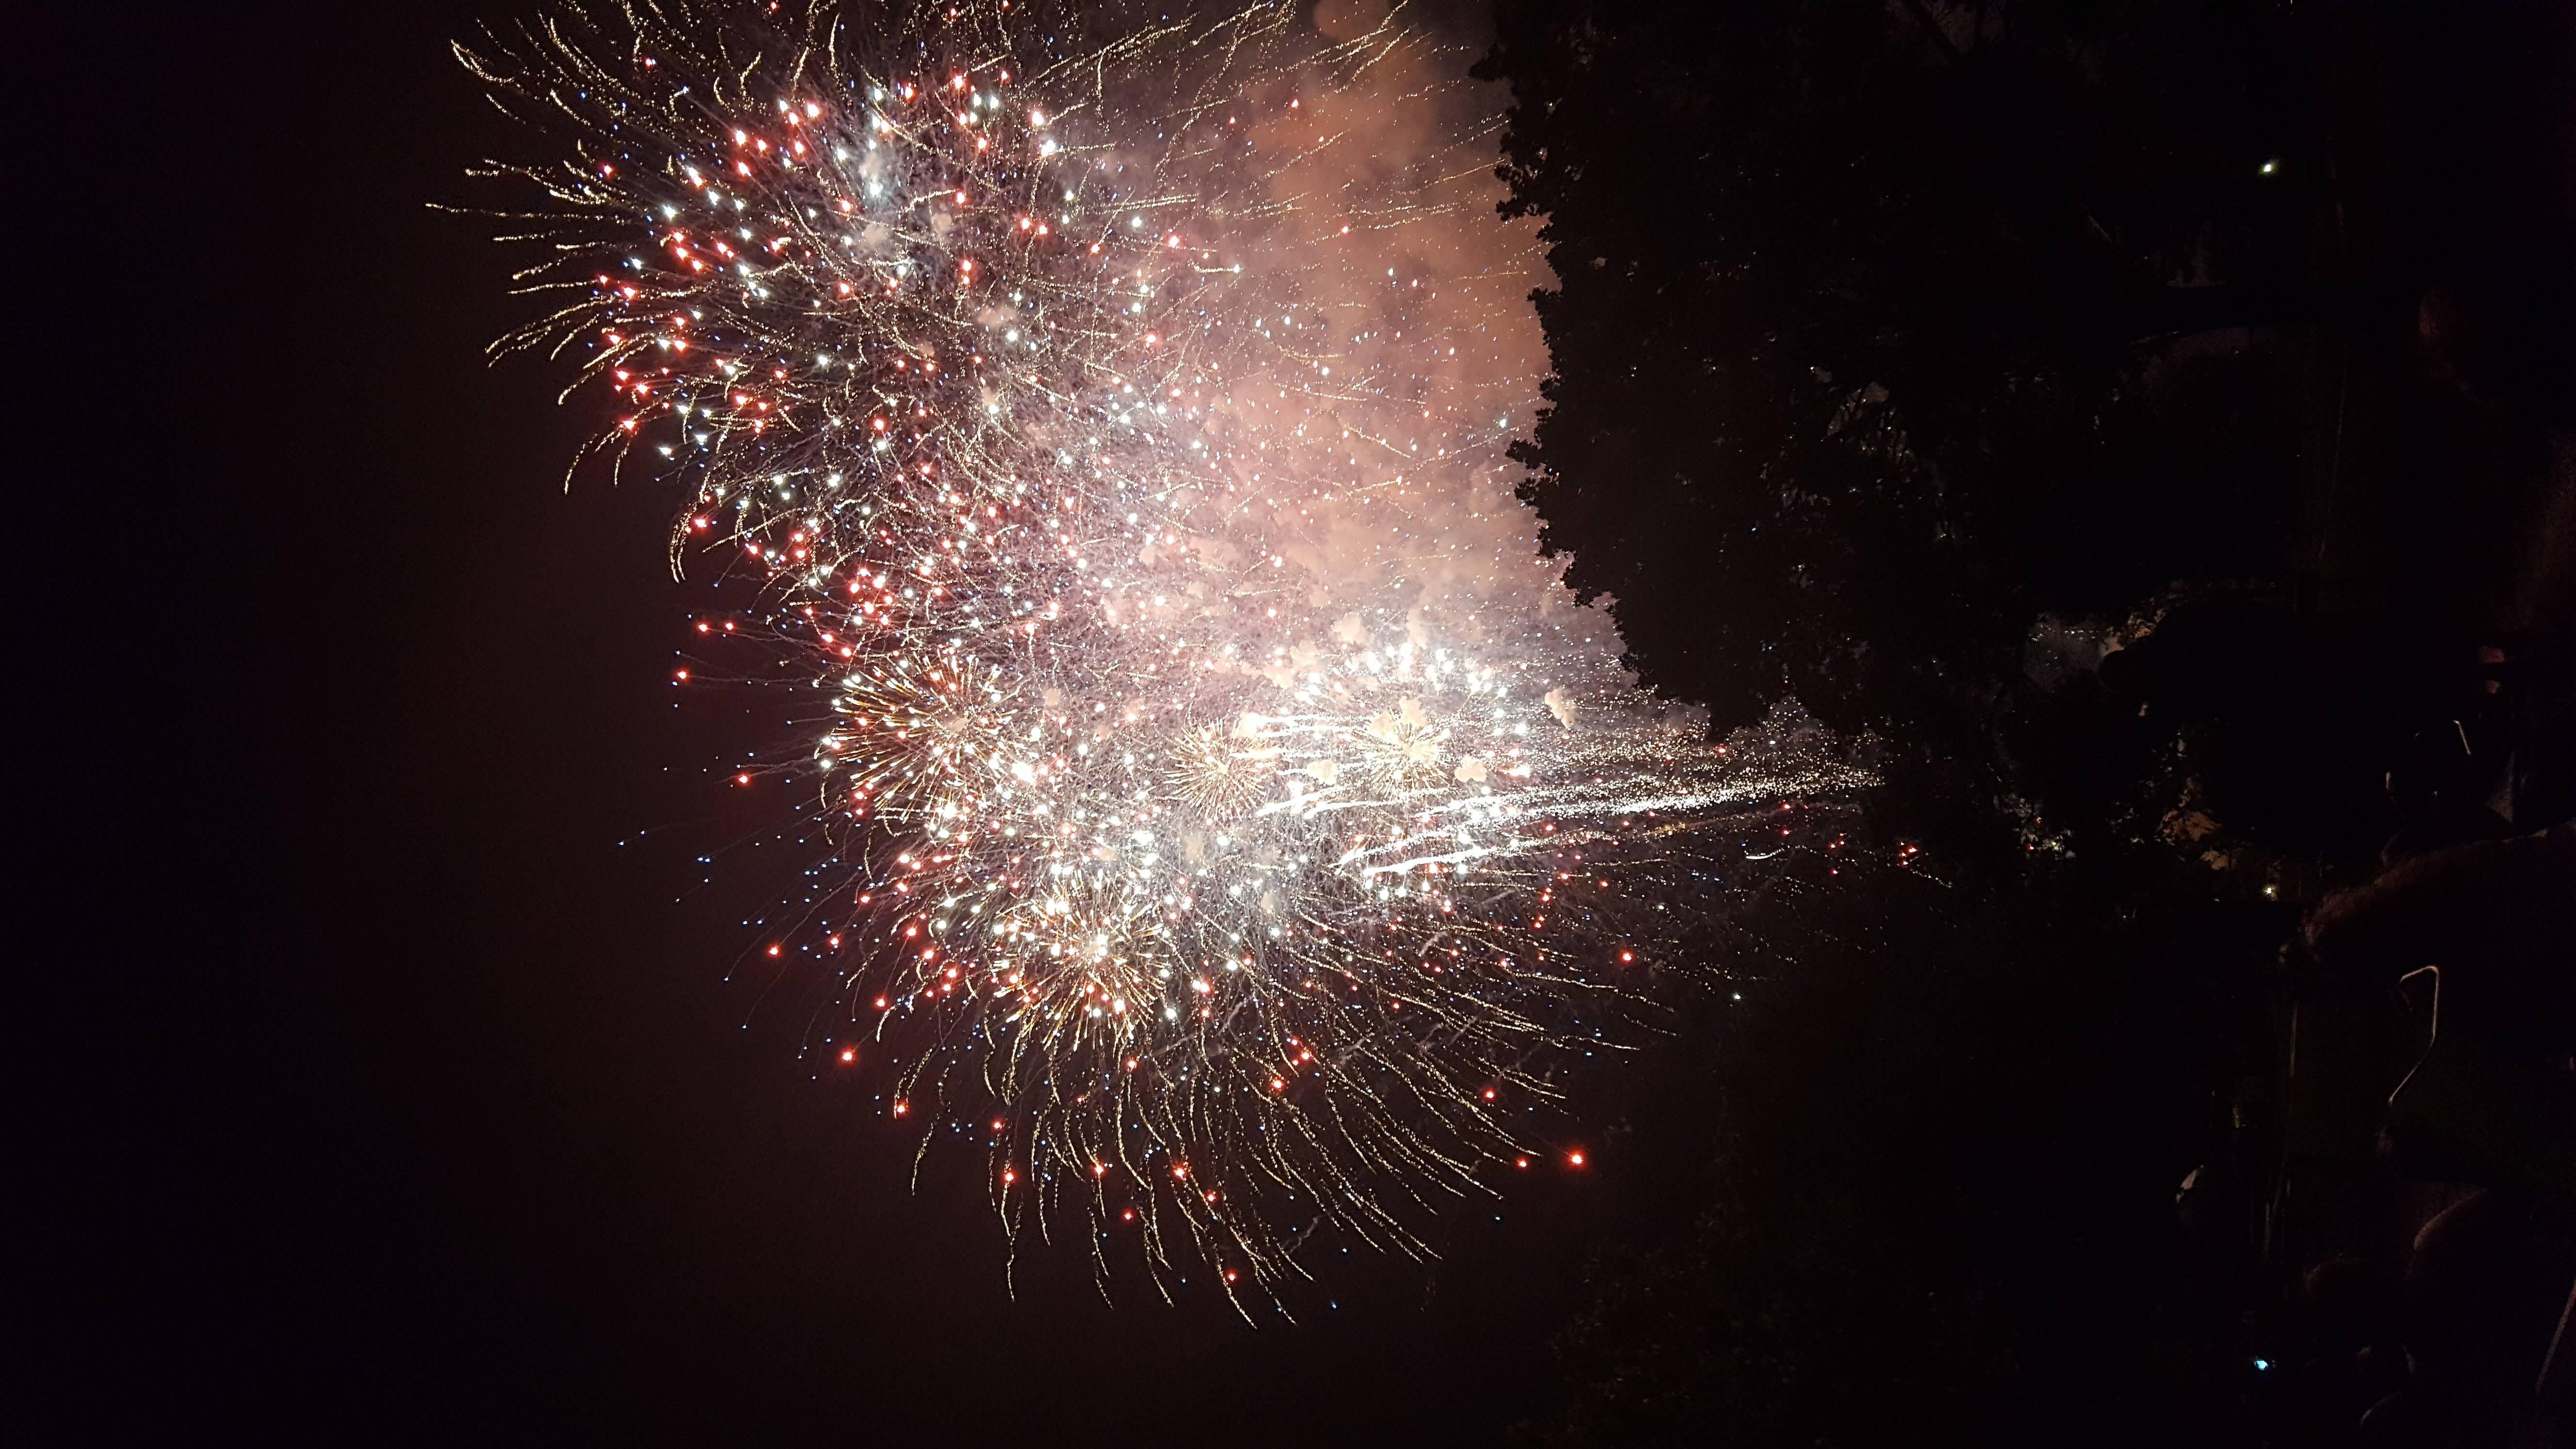 4ae7a4b9a55d238eb2ef_firework_display.jpg